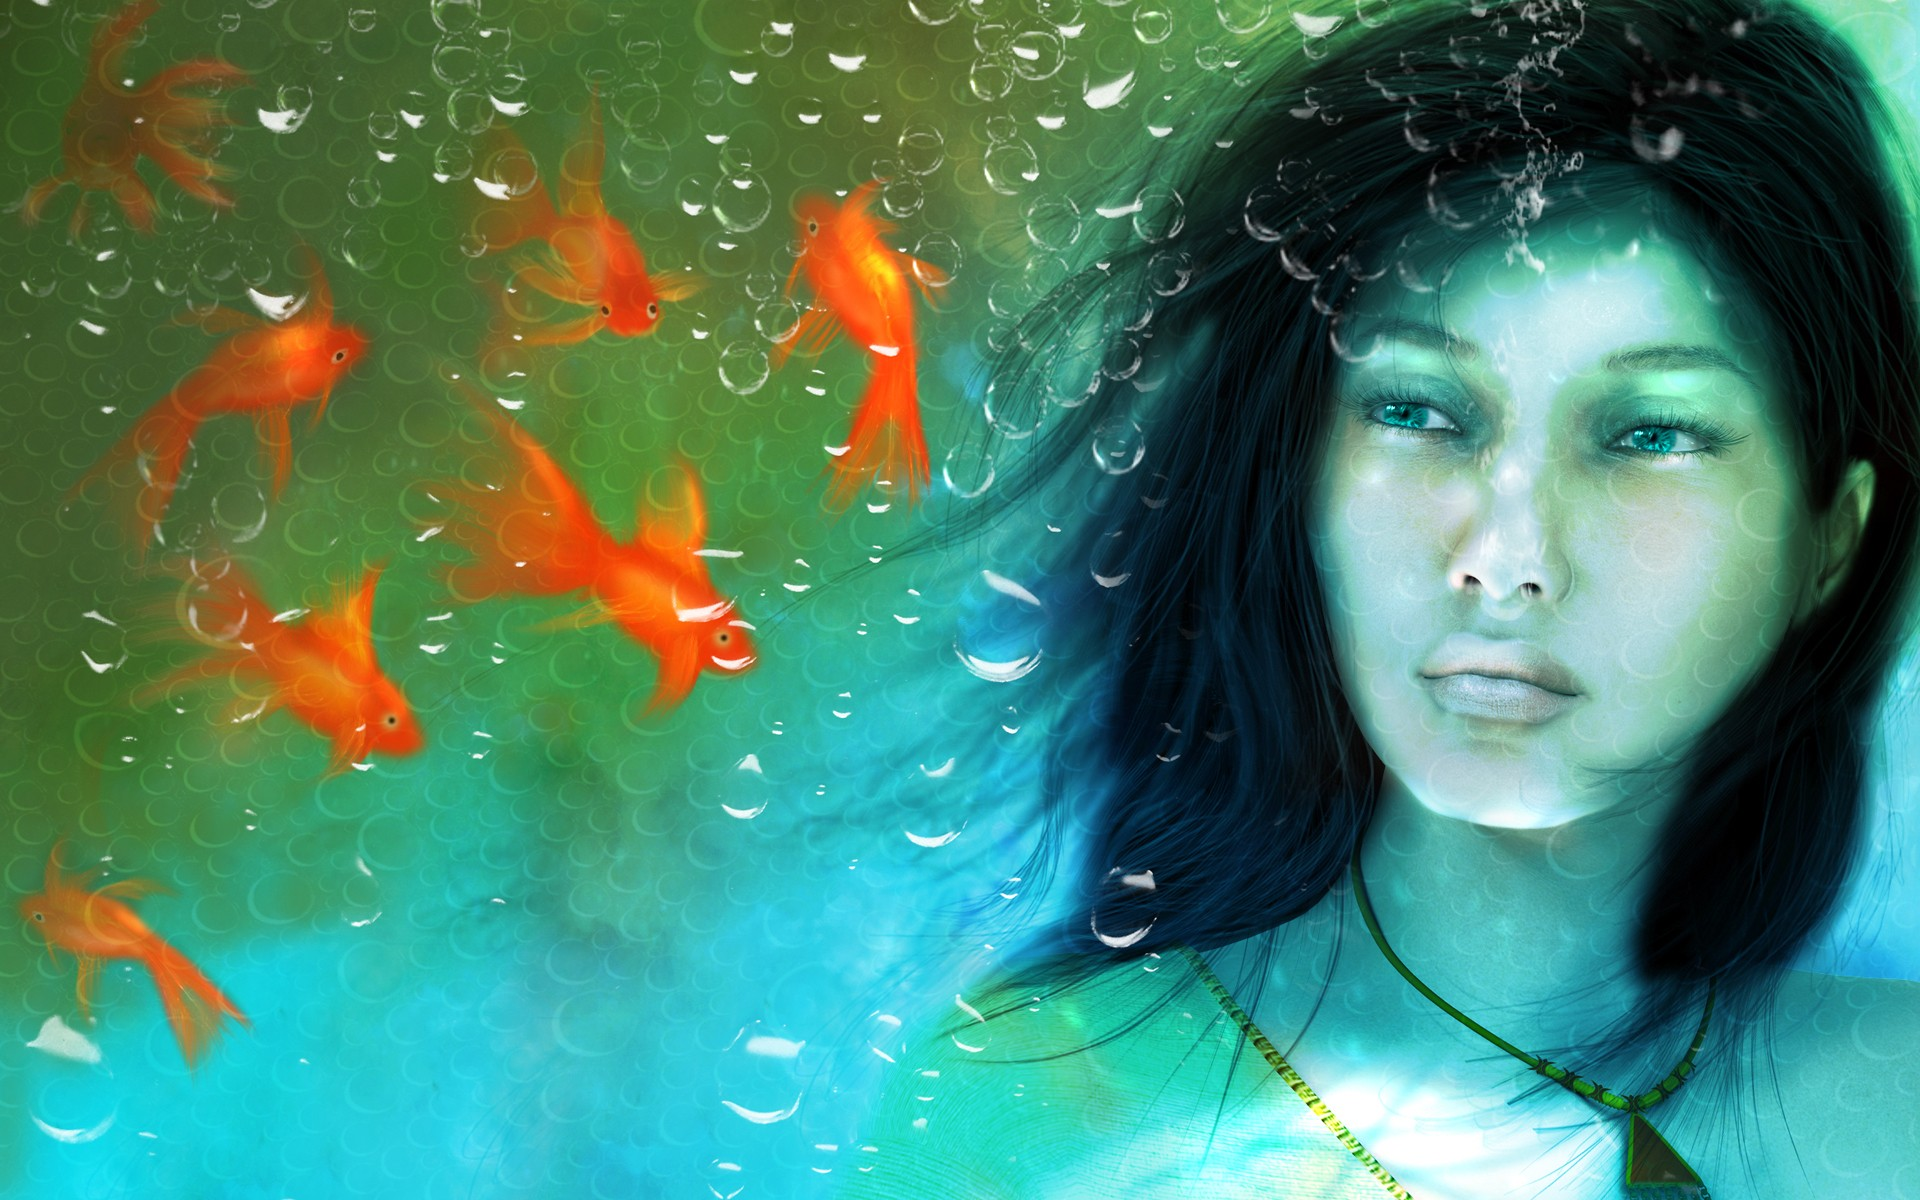 Una chica en un acuario - 1920x1200